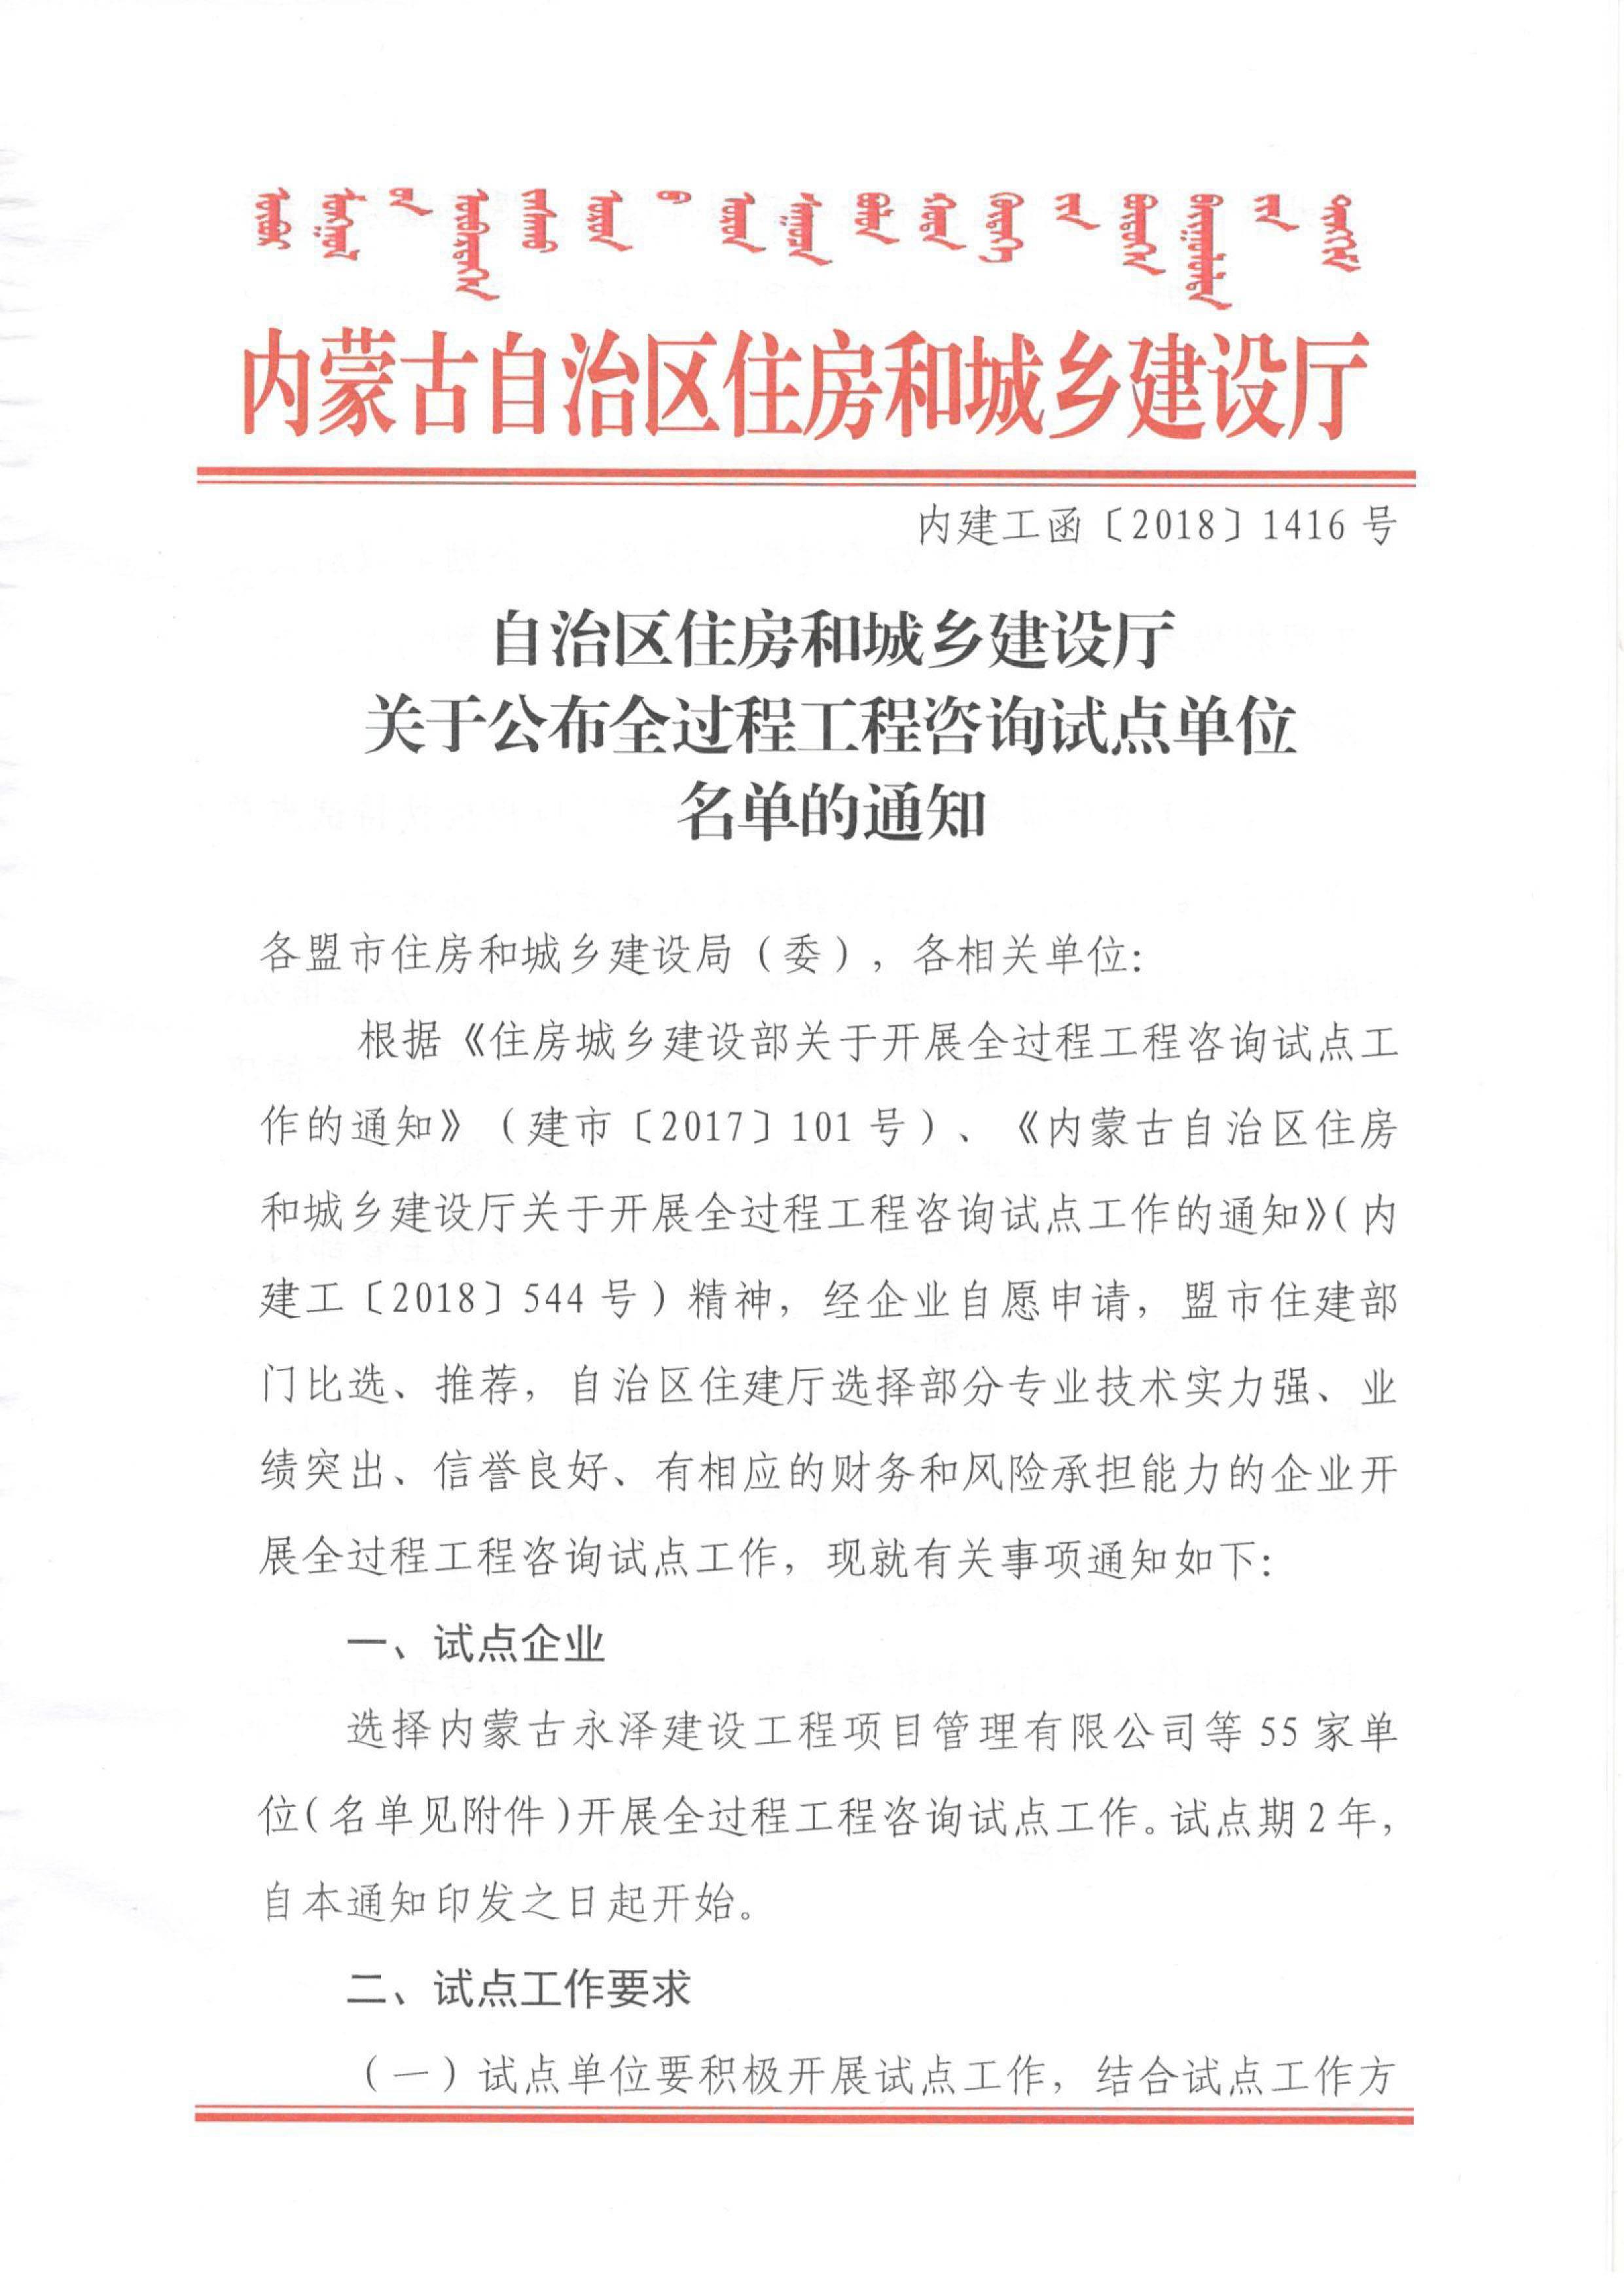 荣获内蒙古自治区住房和城乡建设厅评选的全过程工程咨询试点单位第一名